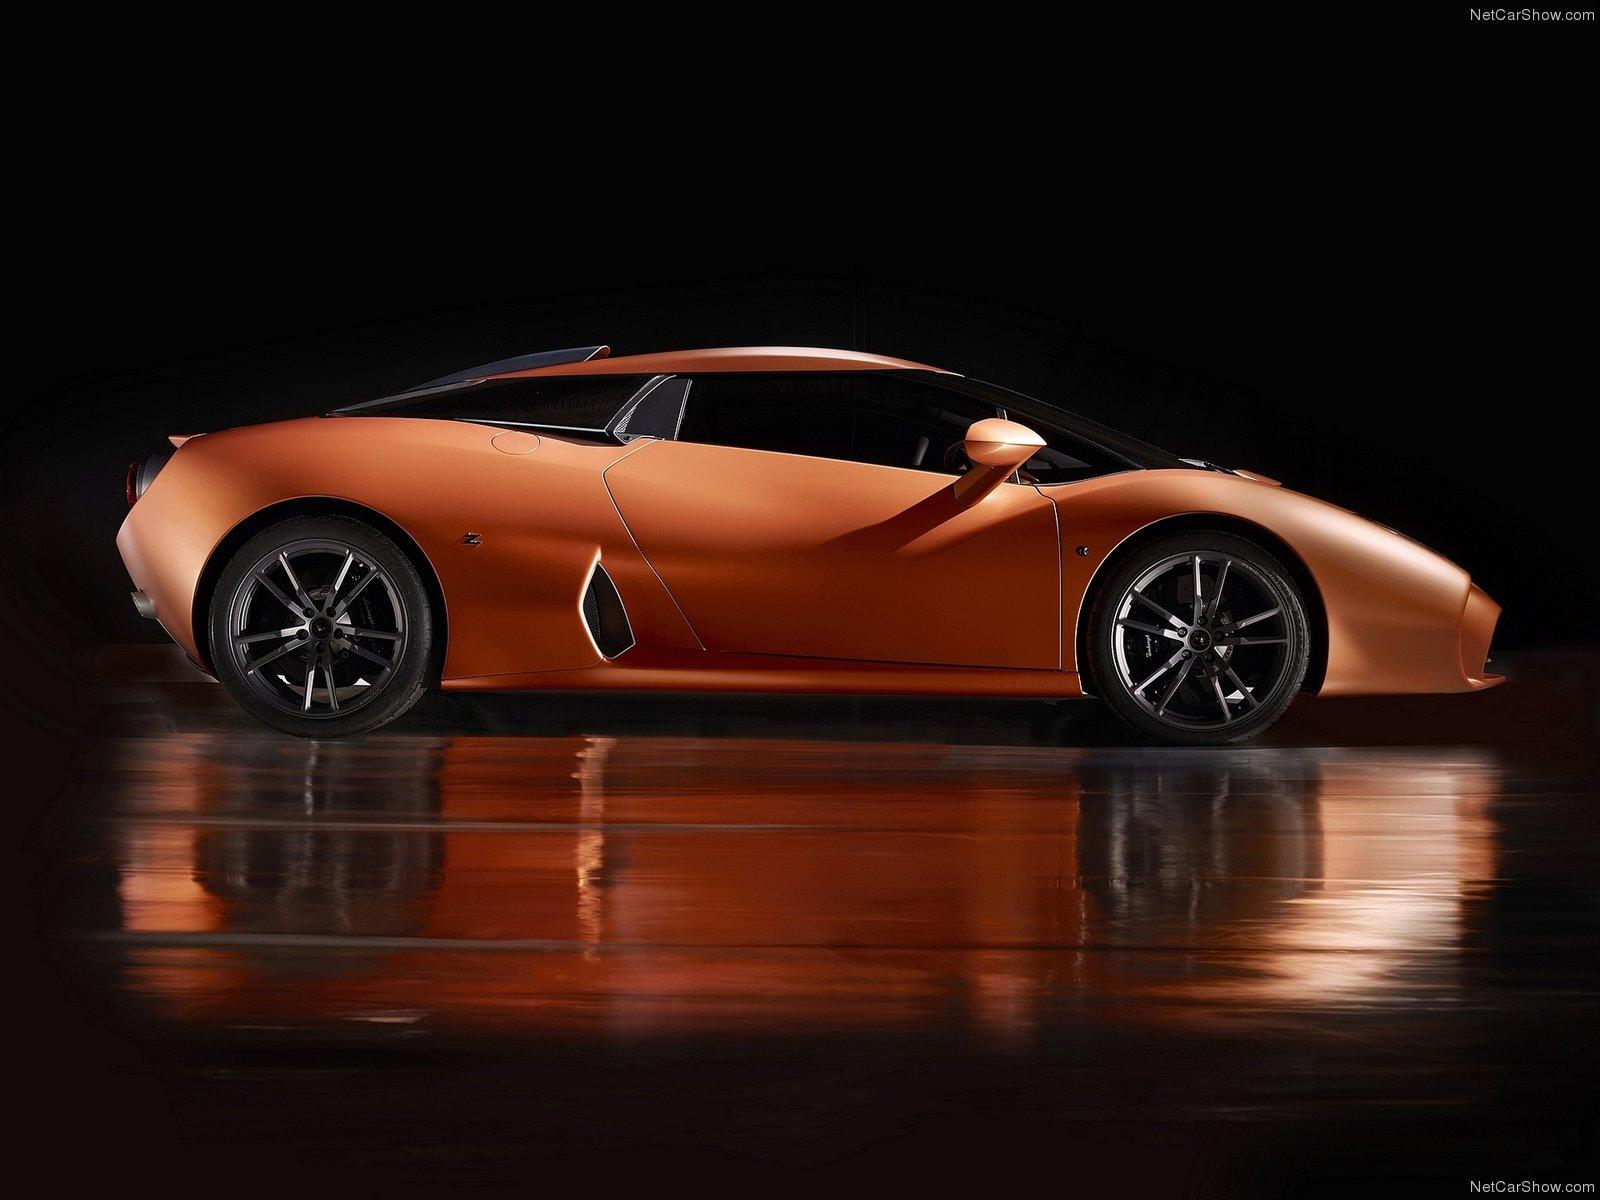 Hình ảnh siêu xe Lamborghini 5-95 Zagato Concept 2014 & nội ngoại thất